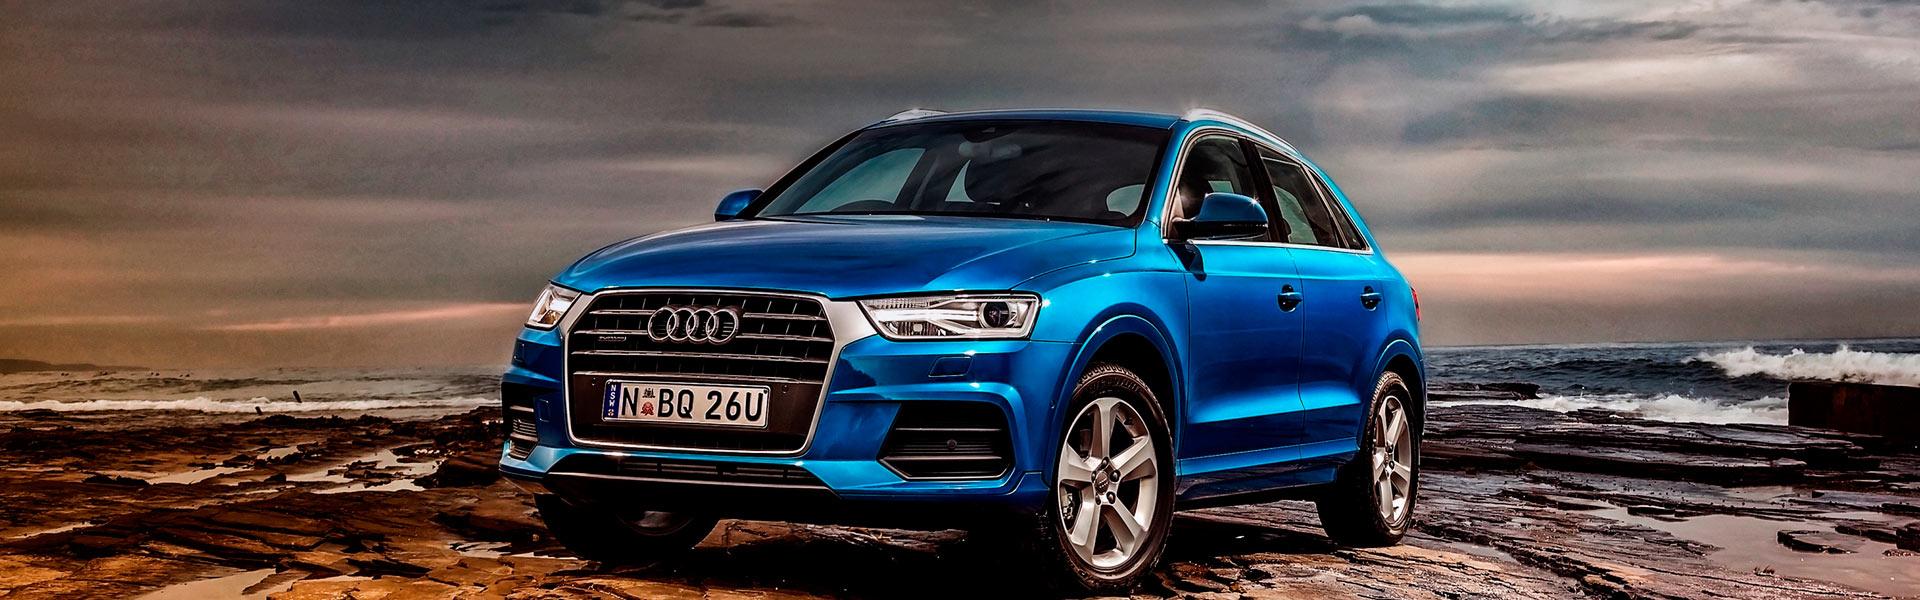 Сайлентблок на Audi Q3